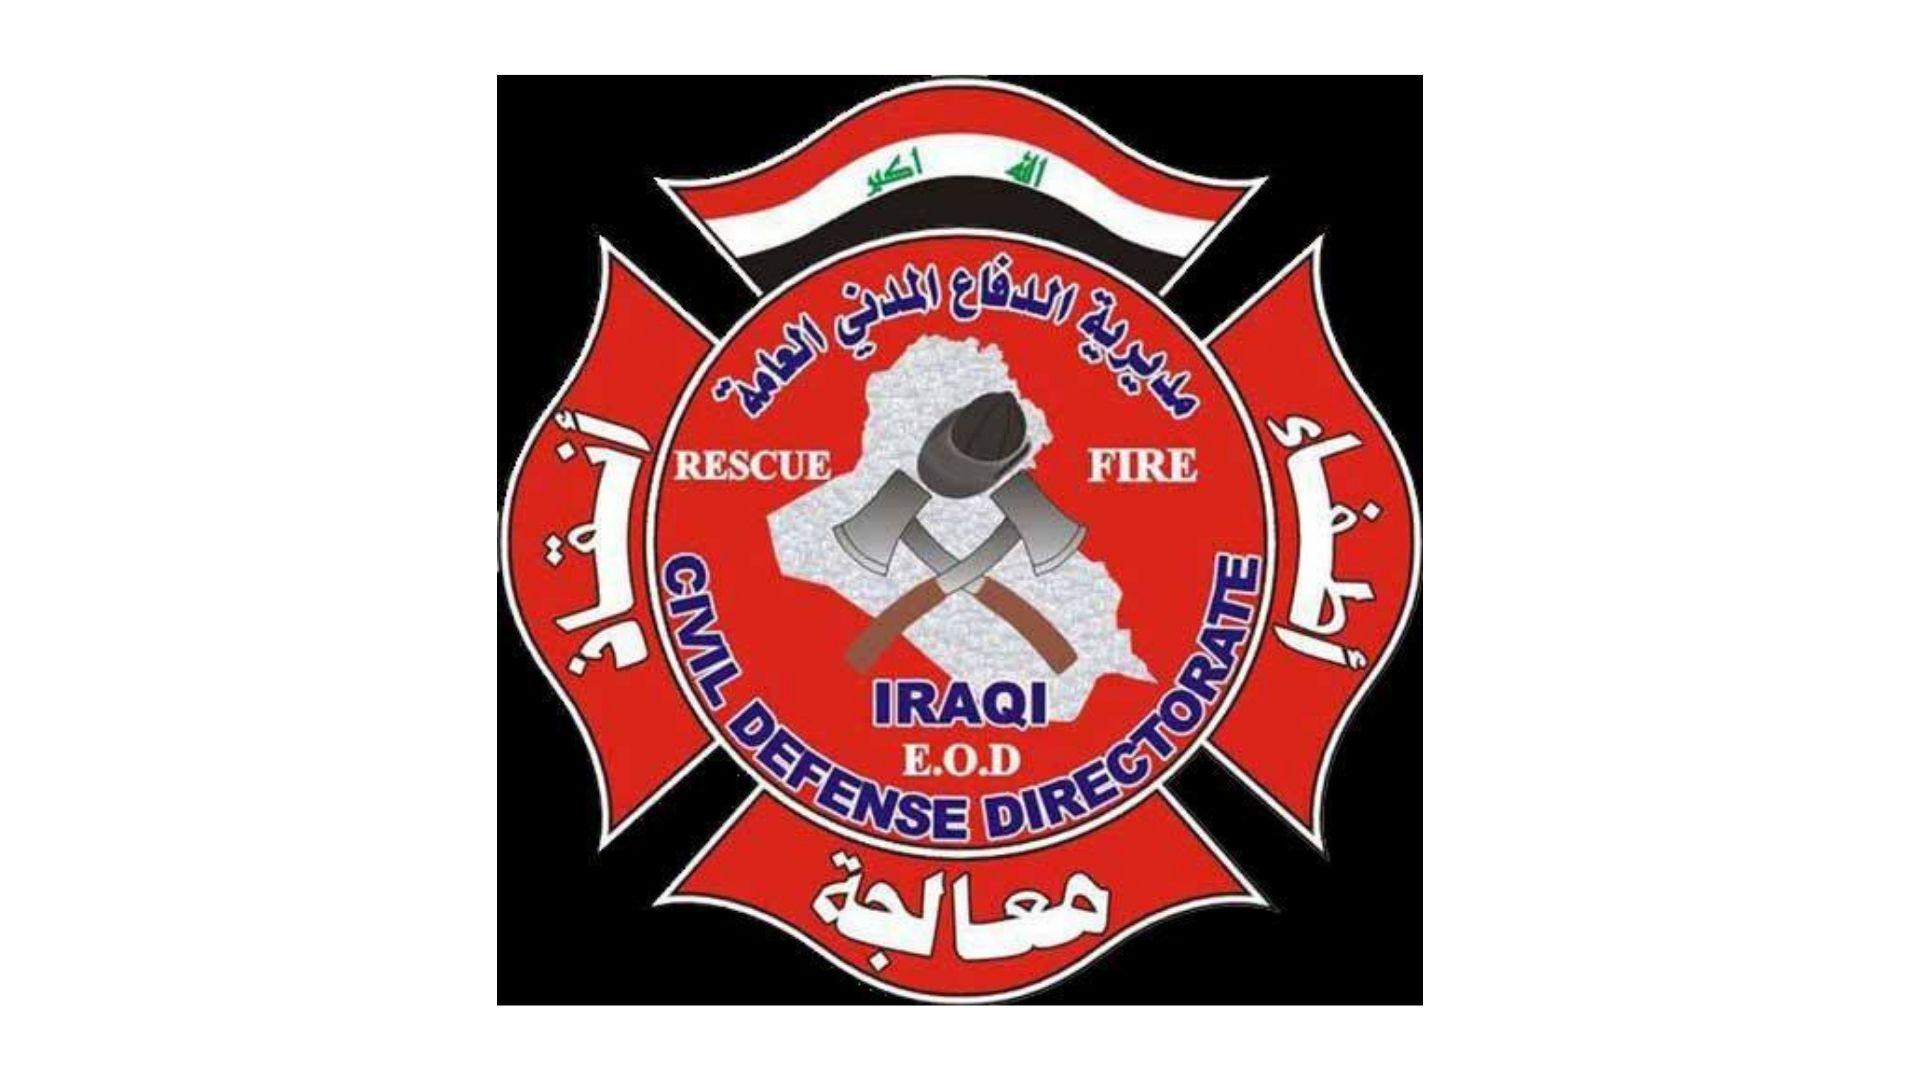 الدفاع المدني يتصدى لحريق في مستشفى الحسين التعليمي